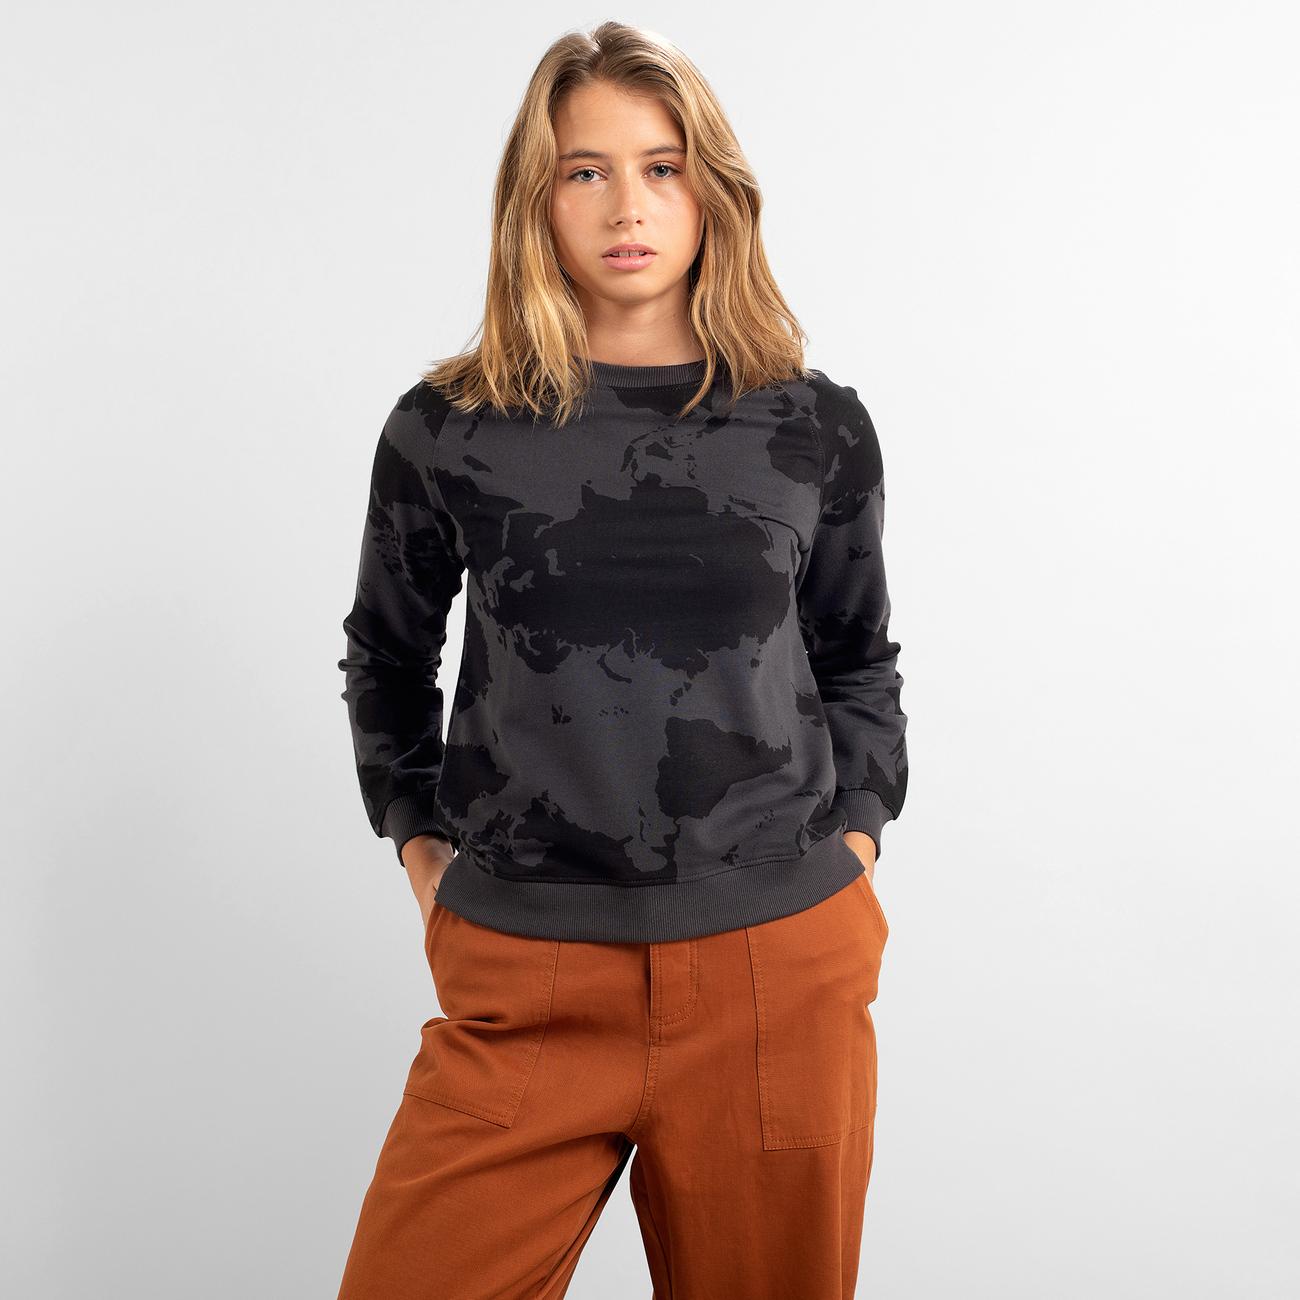 Sweatshirt Ystad Raglan World